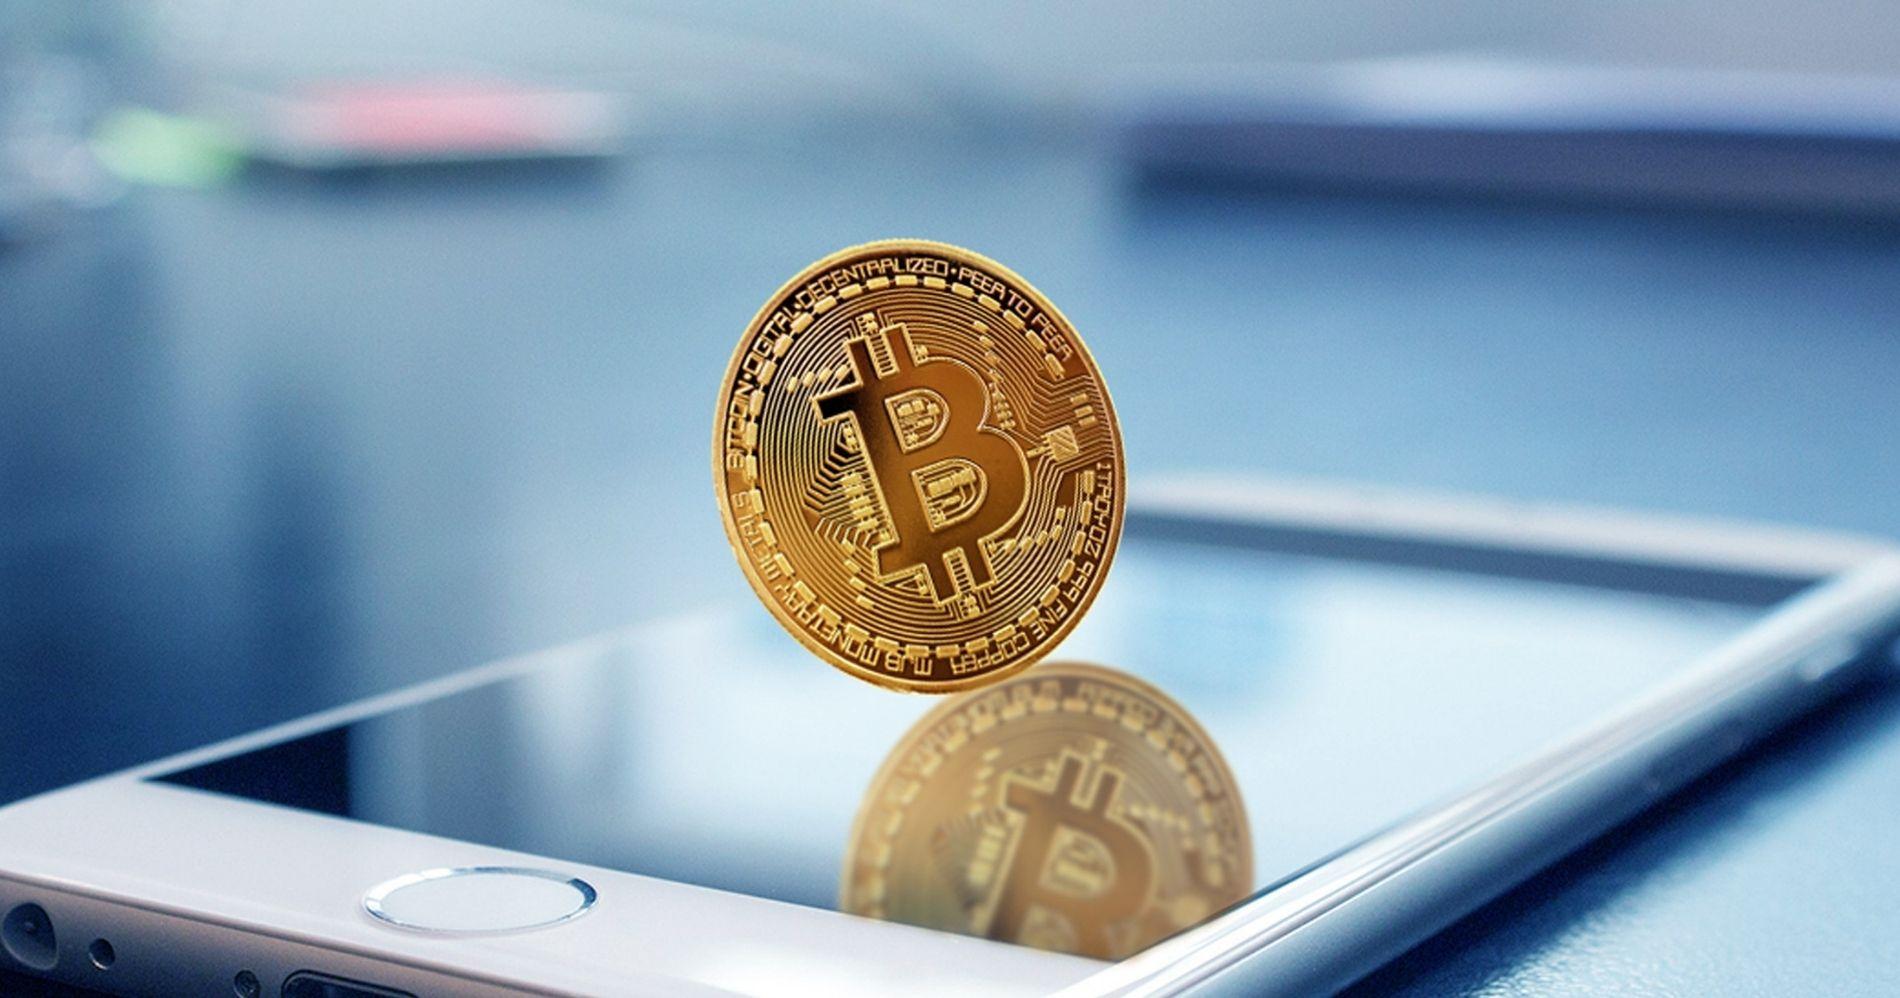 Peringatan Penurunan Bitcoin oleh JP Morgan Illustration Bisnis Muda - Canva